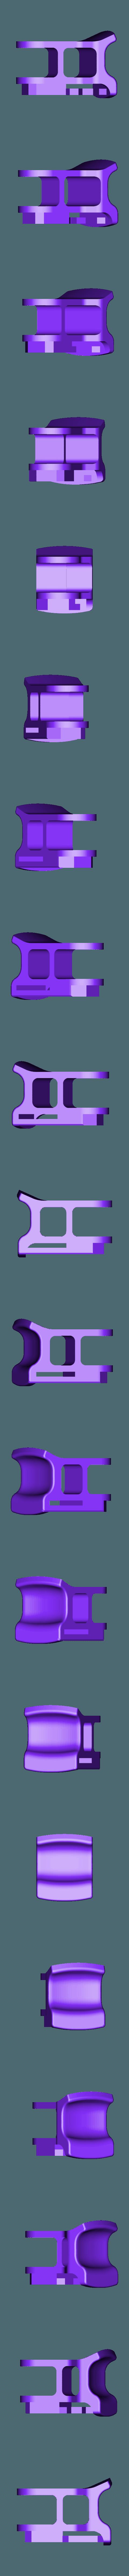 Remote_Thumb.stl Télécharger fichier STL gratuit Vapemobile : Voiture jouet pneumatique • Modèle pour imprimante 3D, Slava_Z